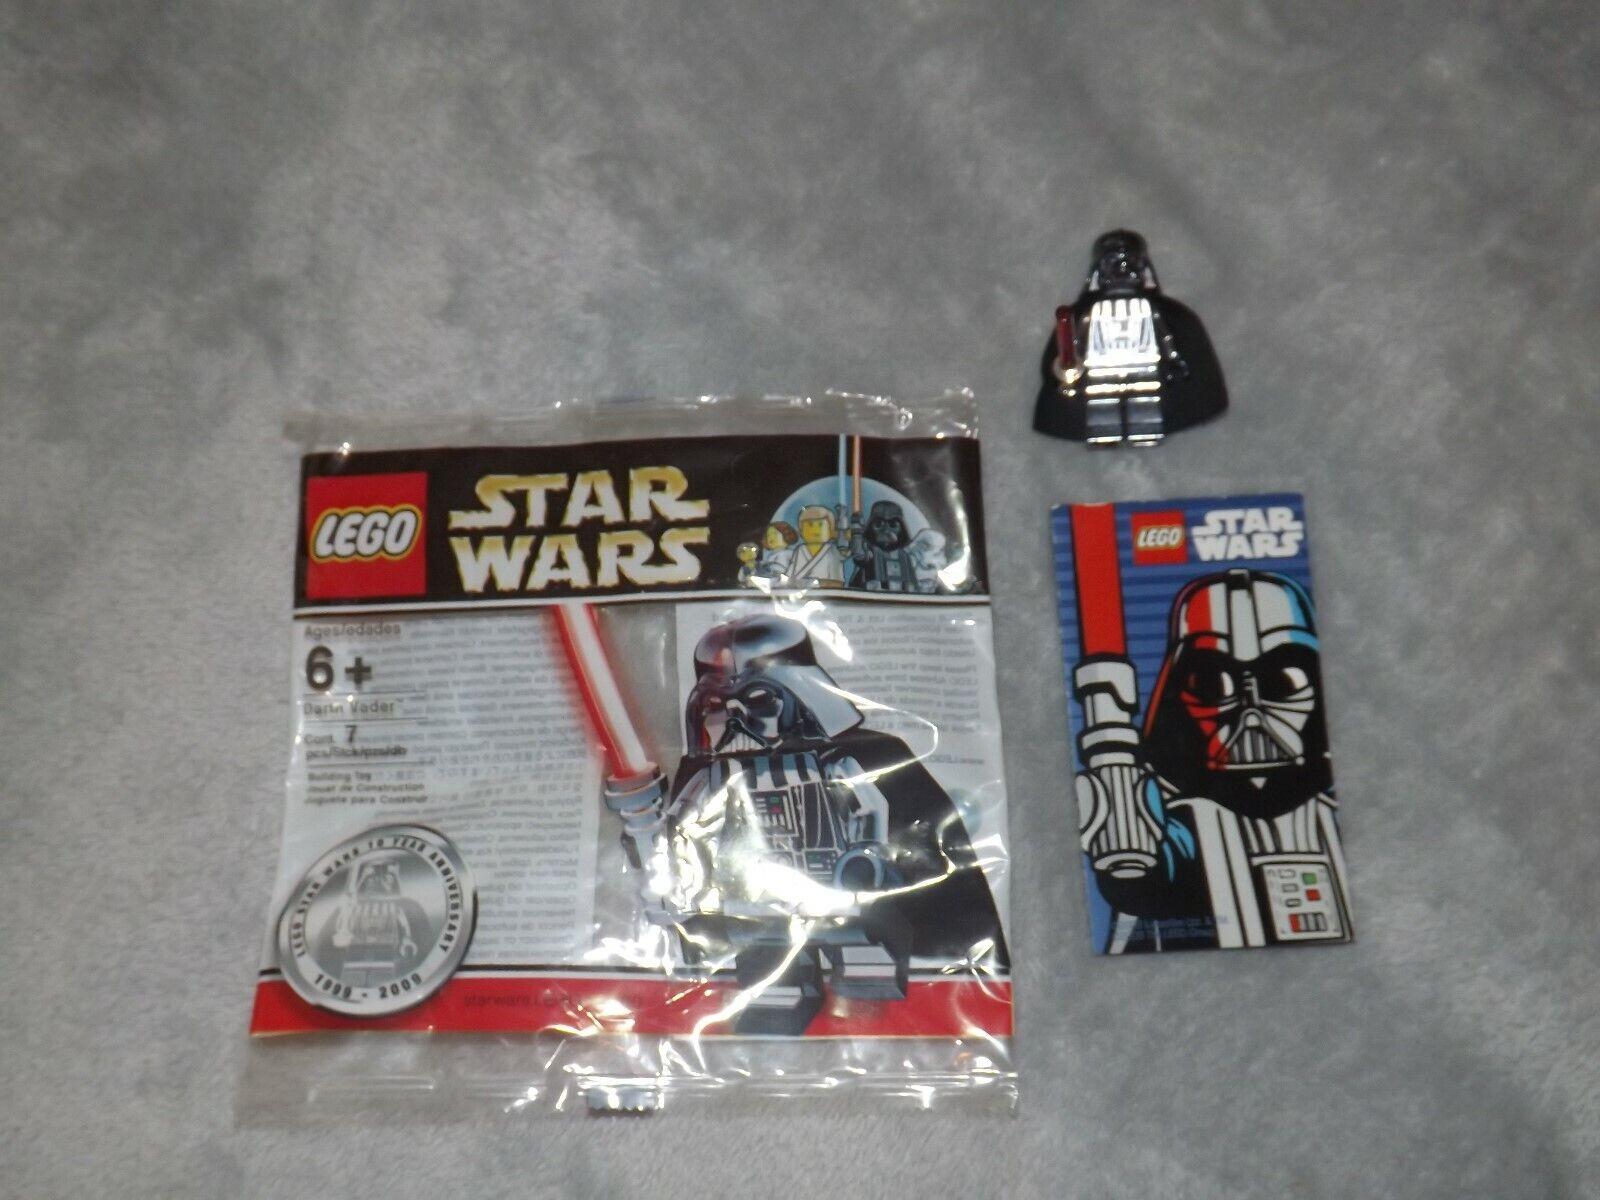 gli ultimi modelli LEGO Estrella Guerras Darth Vader Vader Vader Chrome 4547551 Ltd Ed. Poly borsa 1 di 10,000 NR Nuovo di zecca  in vendita scontato del 70%